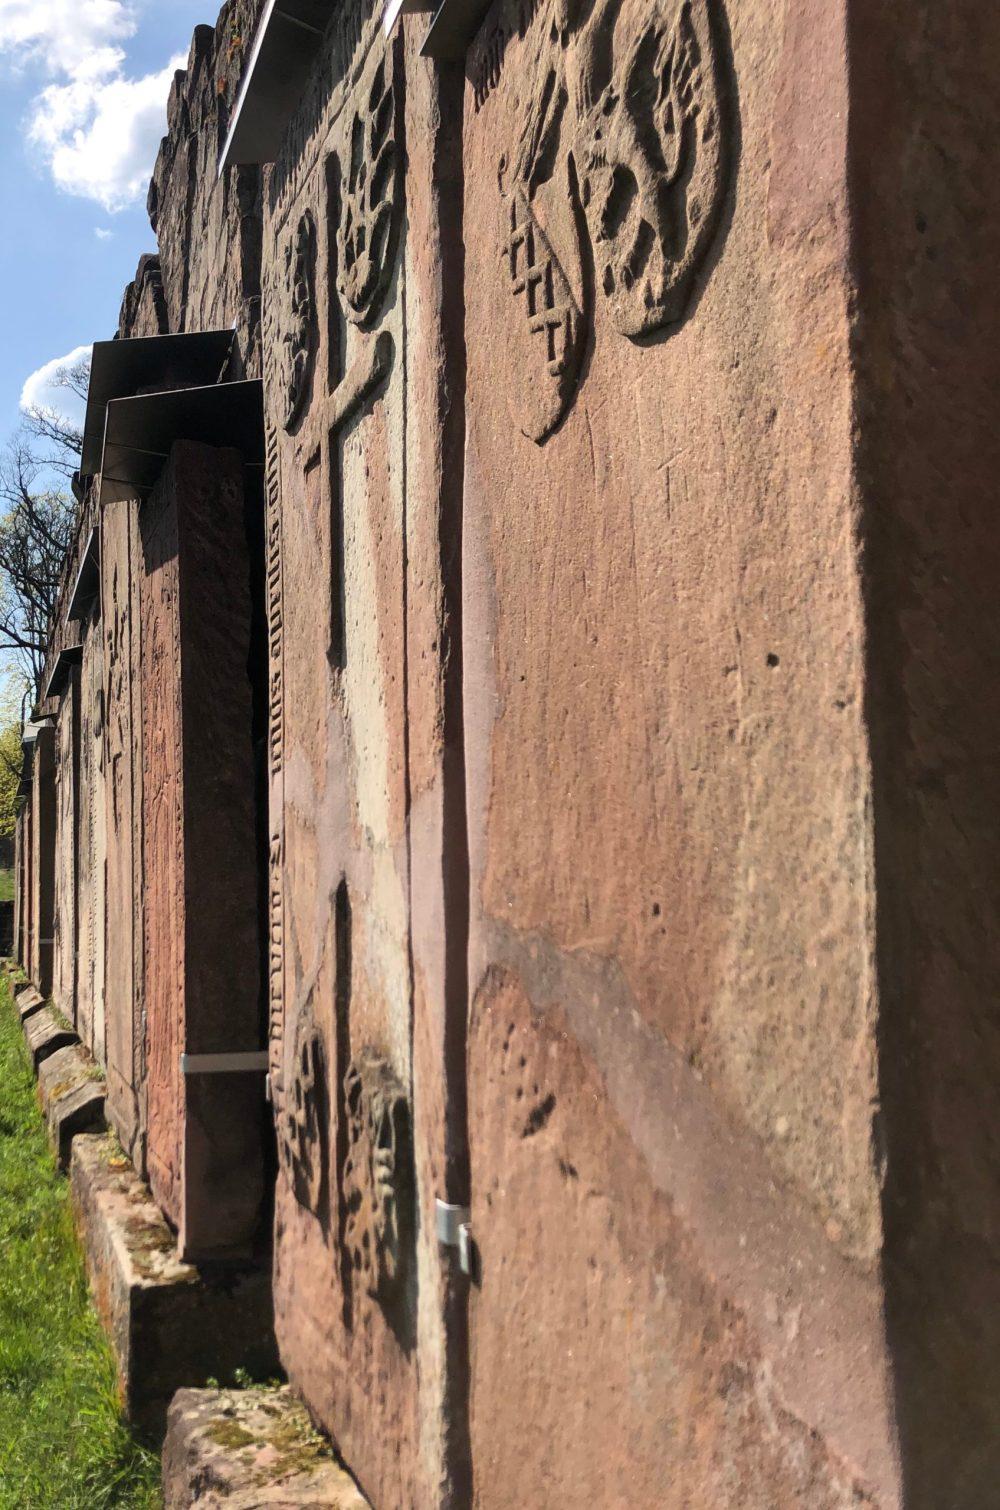 Grabplatten am Nordflügel des Kreuzganges von Äbten und Stiftern